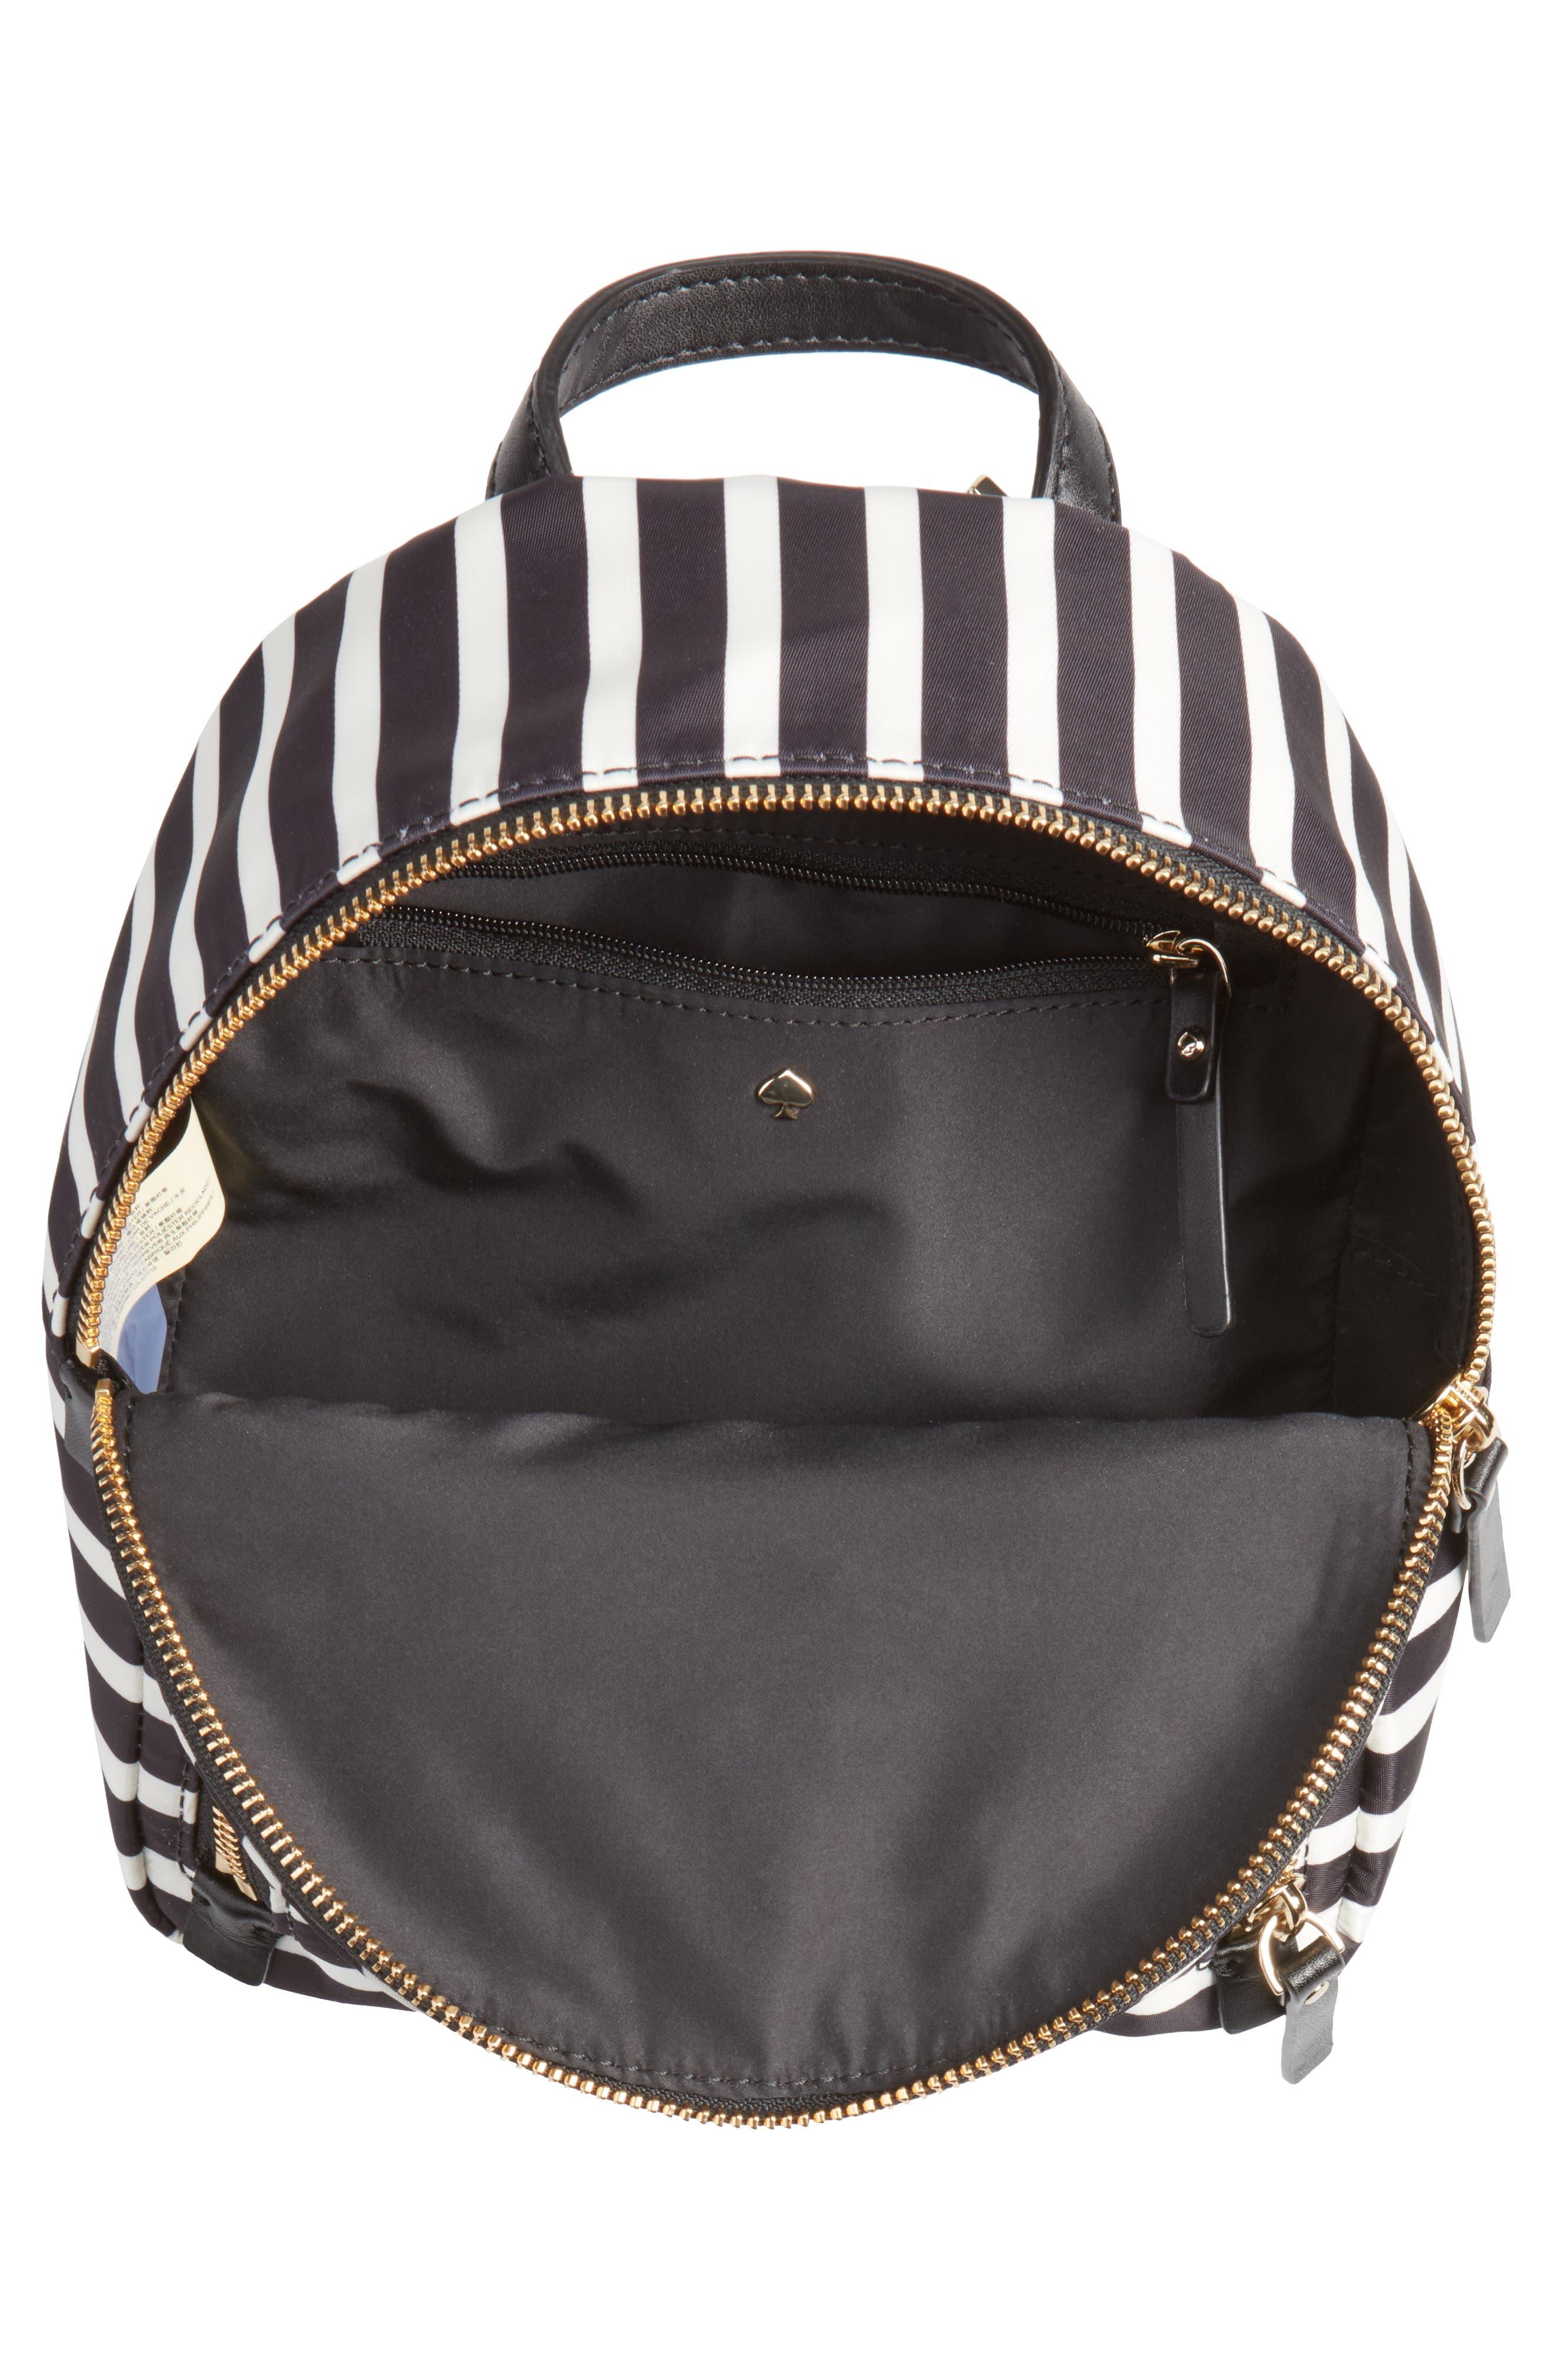 watson lane - small hartley nylon backpack,                             Alternate thumbnail 4, color,                             001